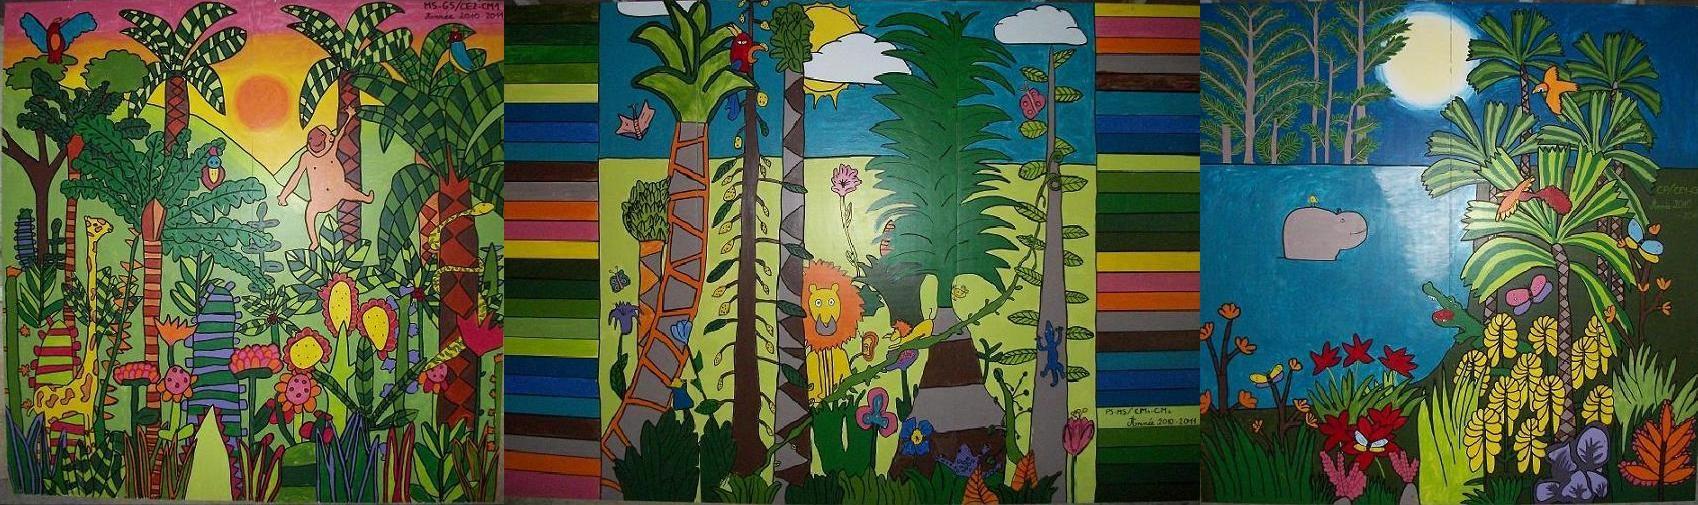 Fresque Murale Le Jardin Tropical Fresque Murale Fresque Les